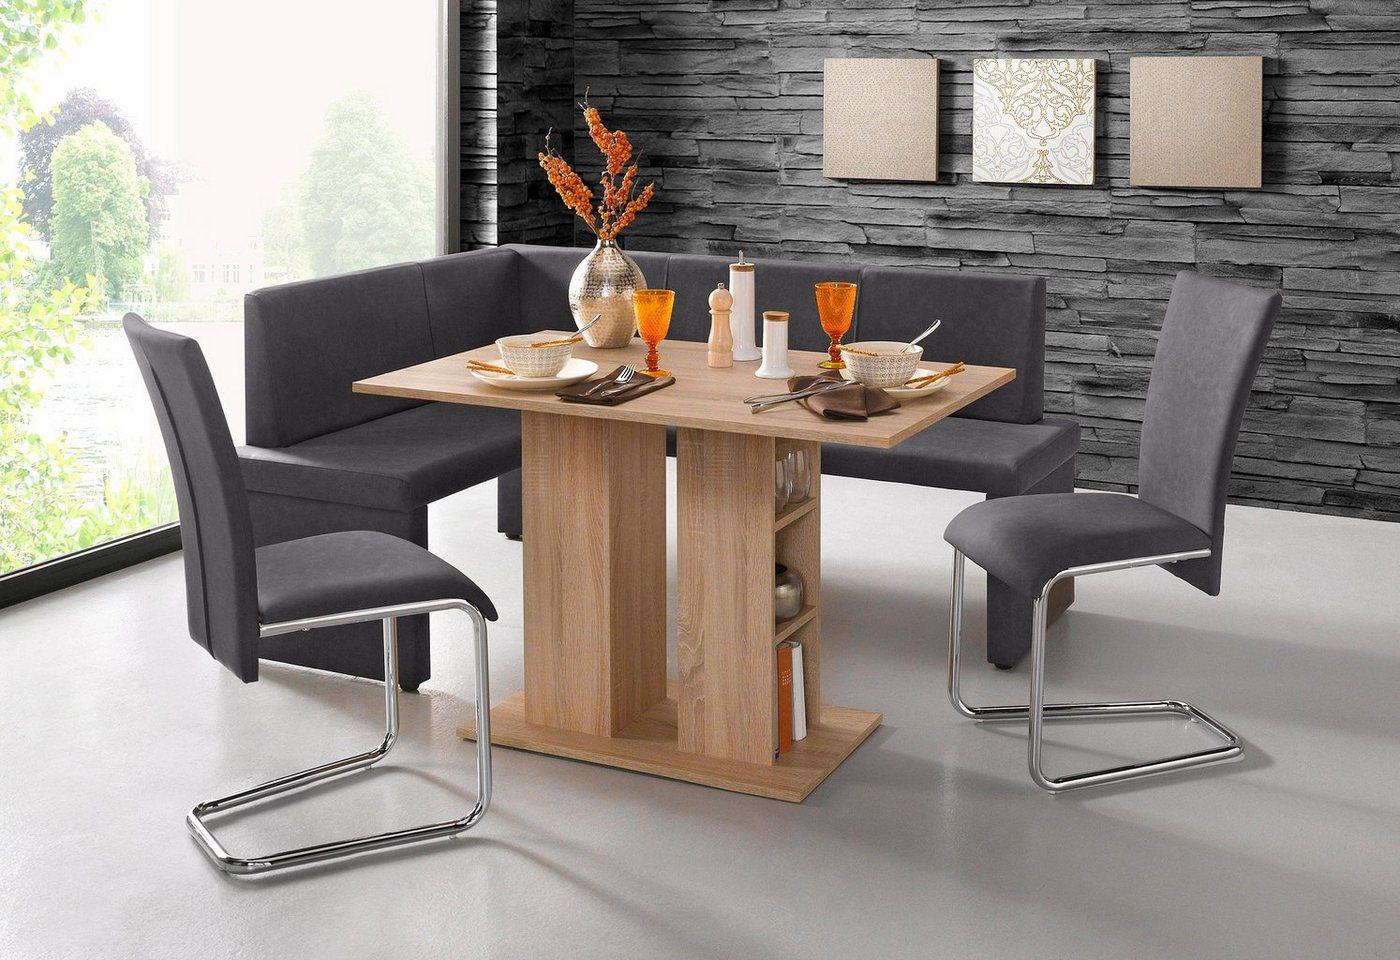 eckbank gepolstert preisvergleiche erfahrungsberichte. Black Bedroom Furniture Sets. Home Design Ideas